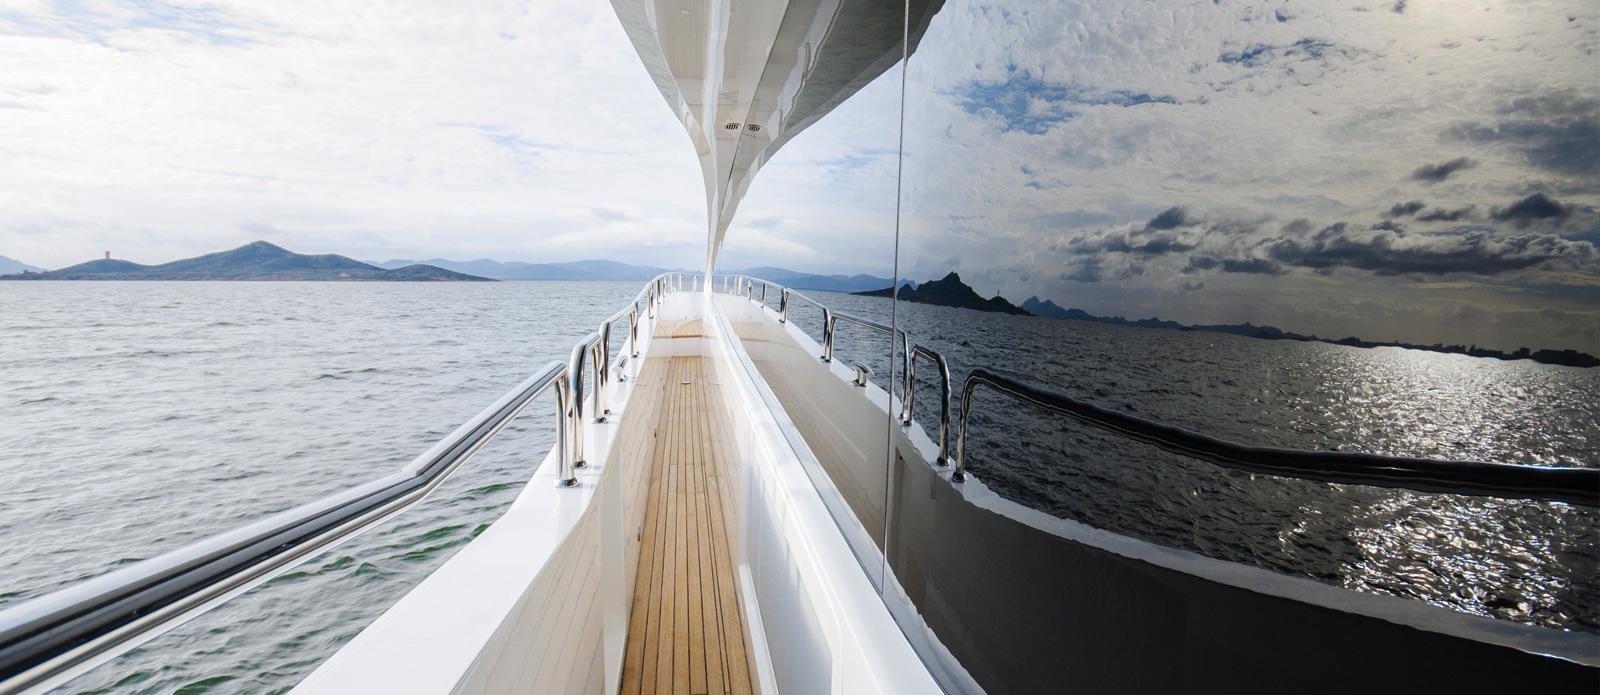 Sunseeker 86 Yacht - Side-Deck